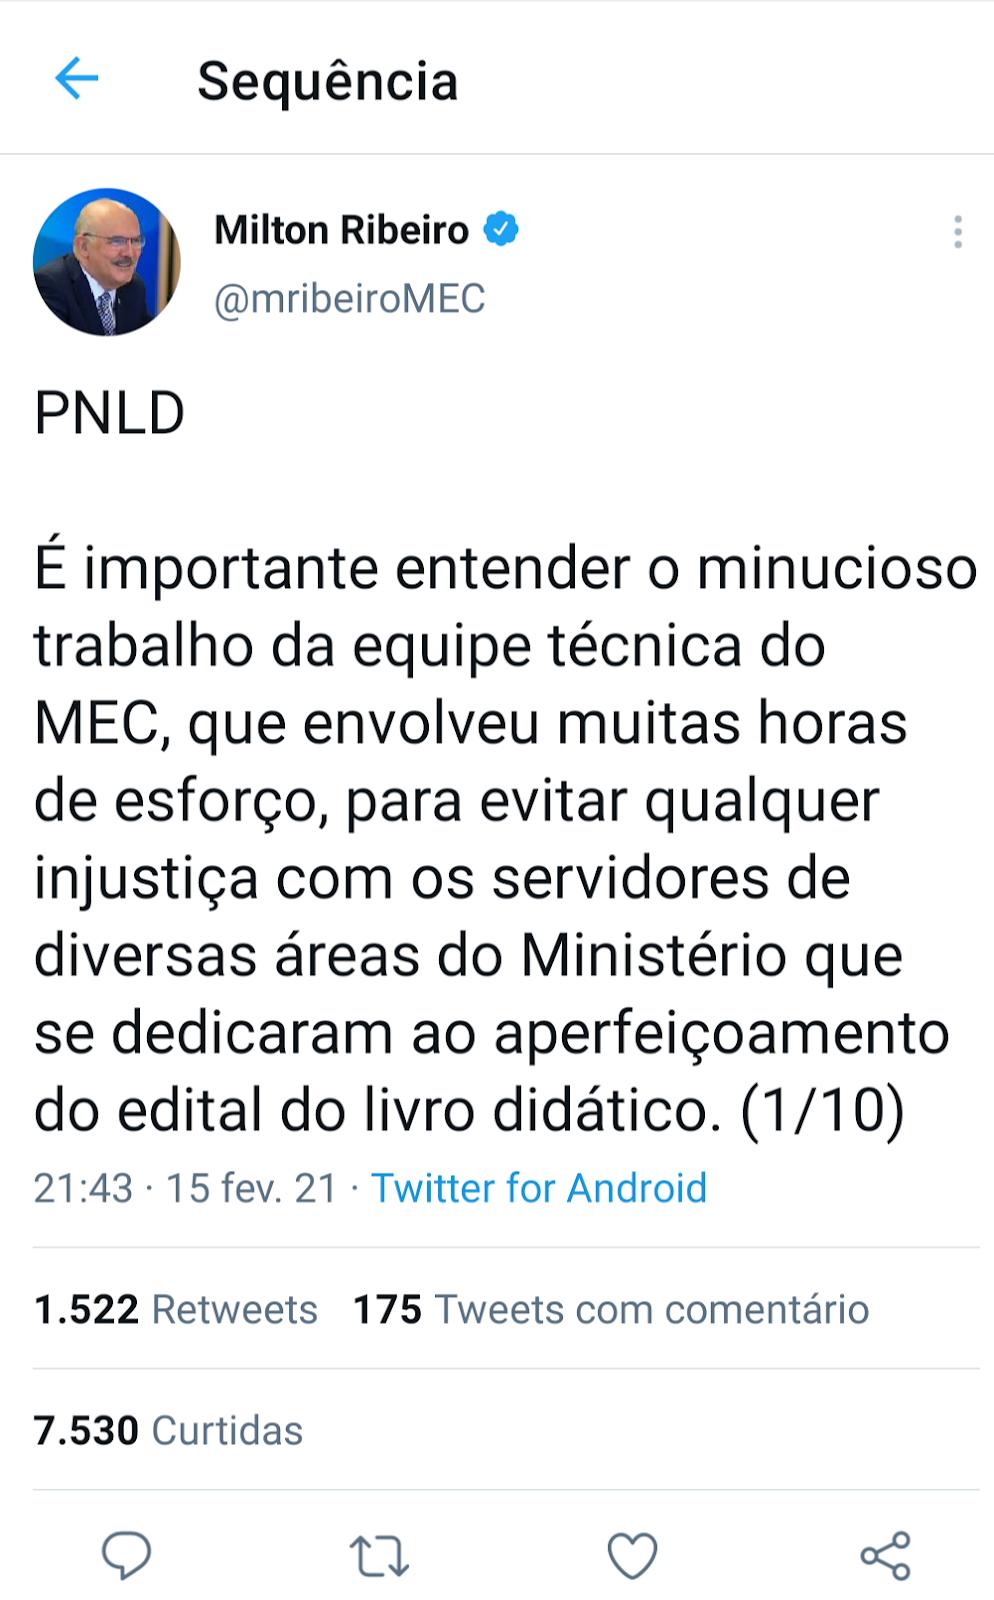 Reprodução do Twitter do Ministro Milton Ribeiro